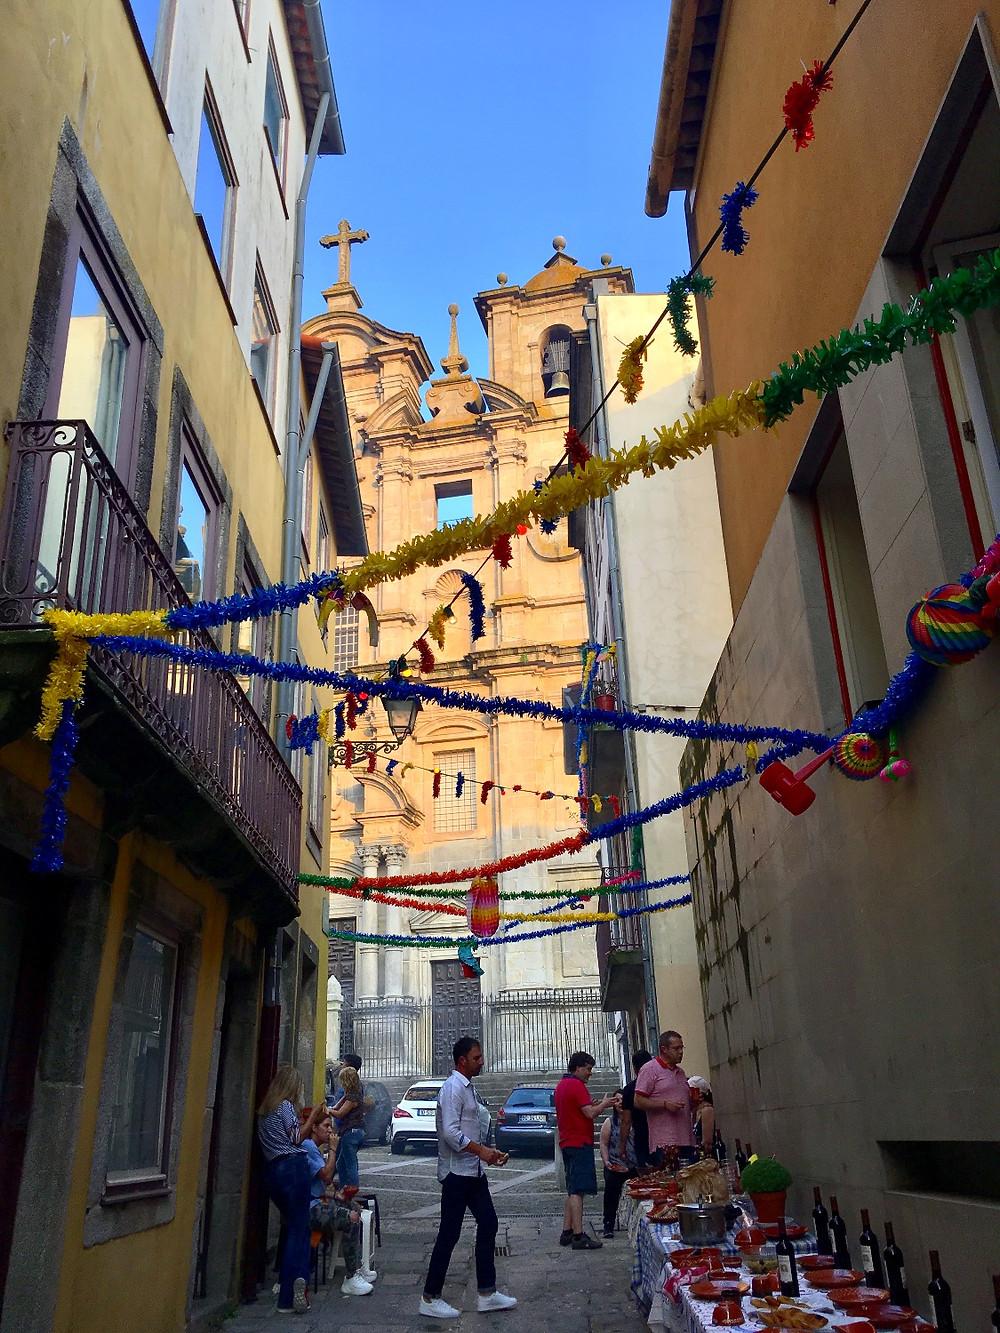 Festa São João in Porto Portugal